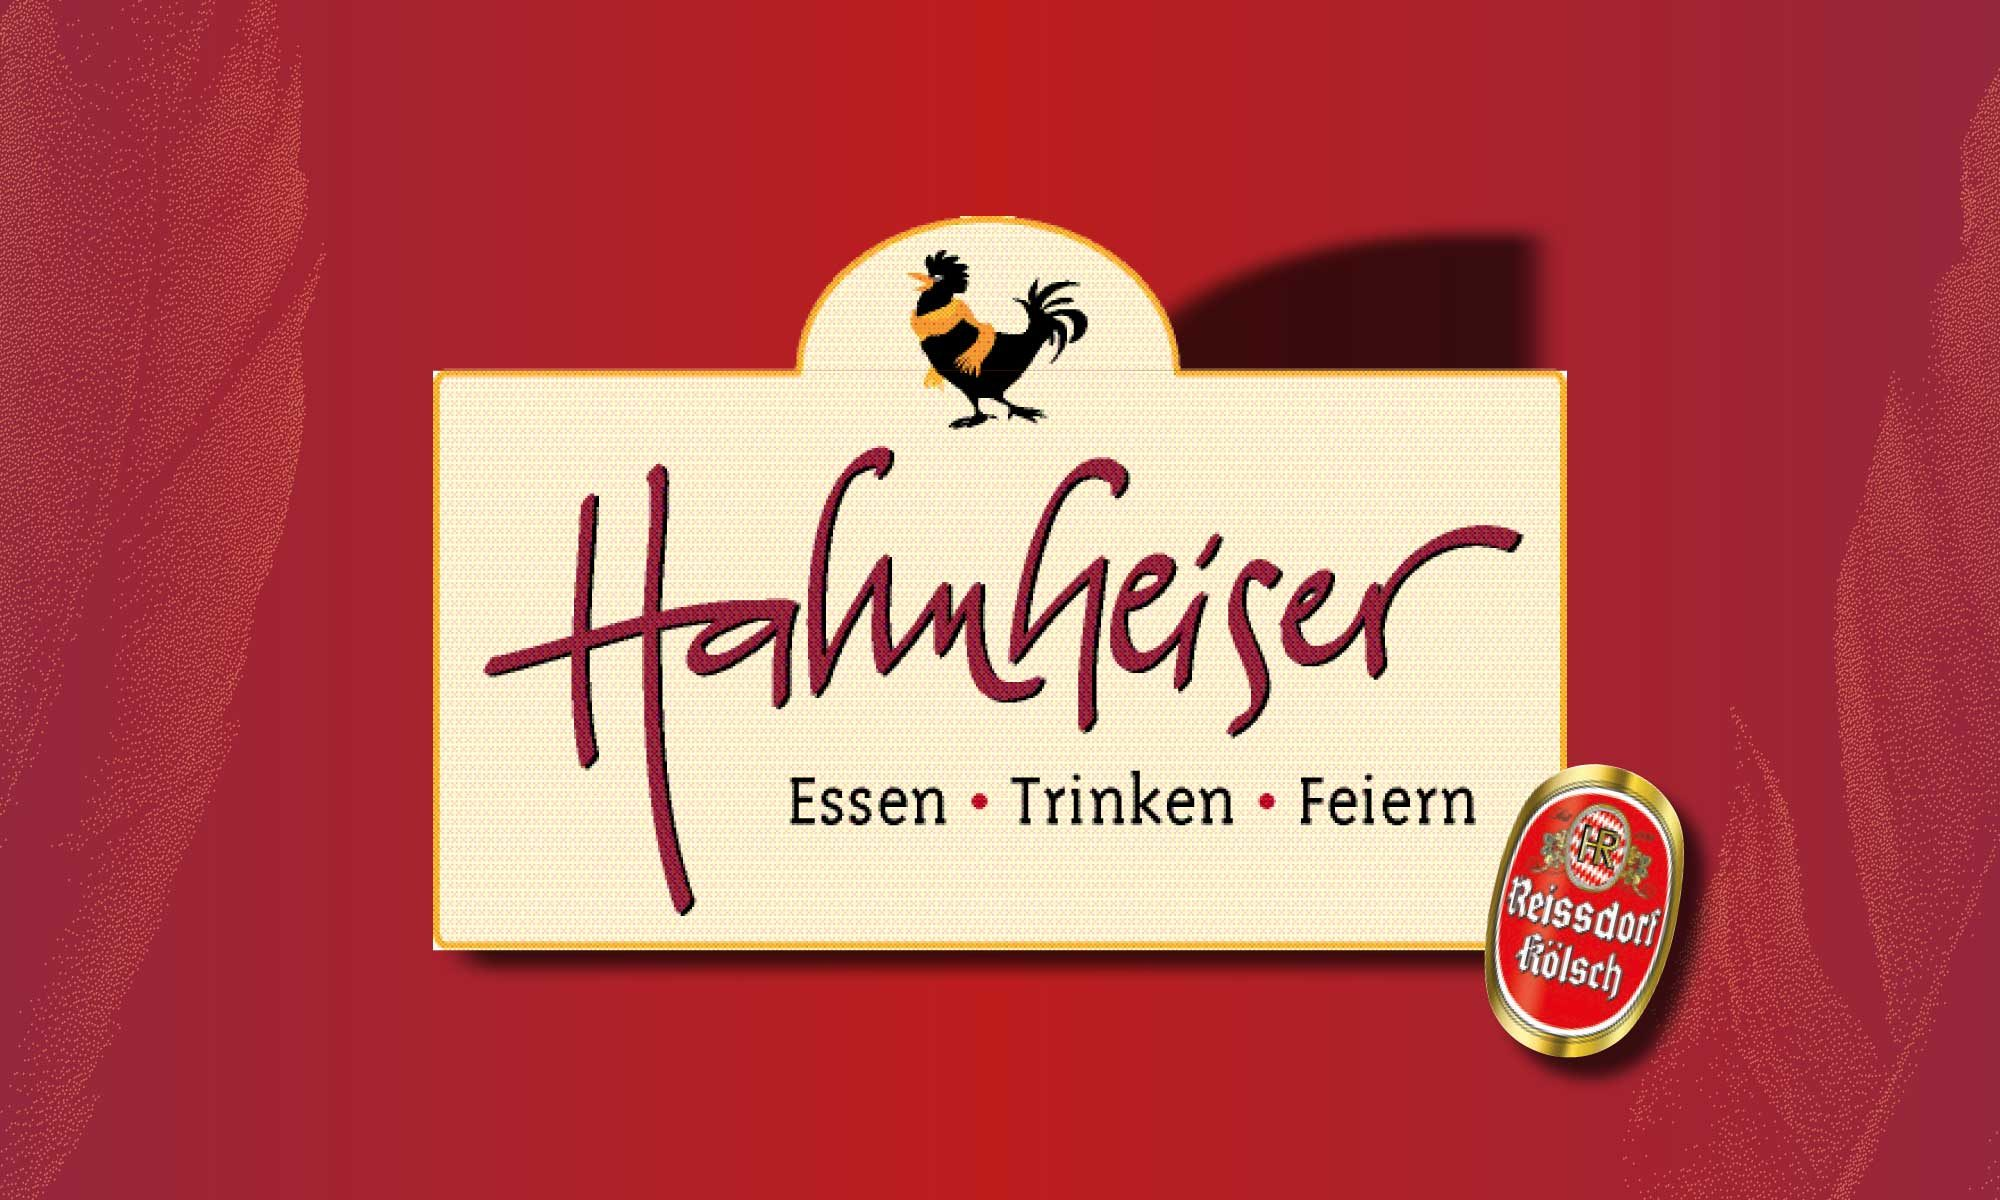 Hahnheiser.